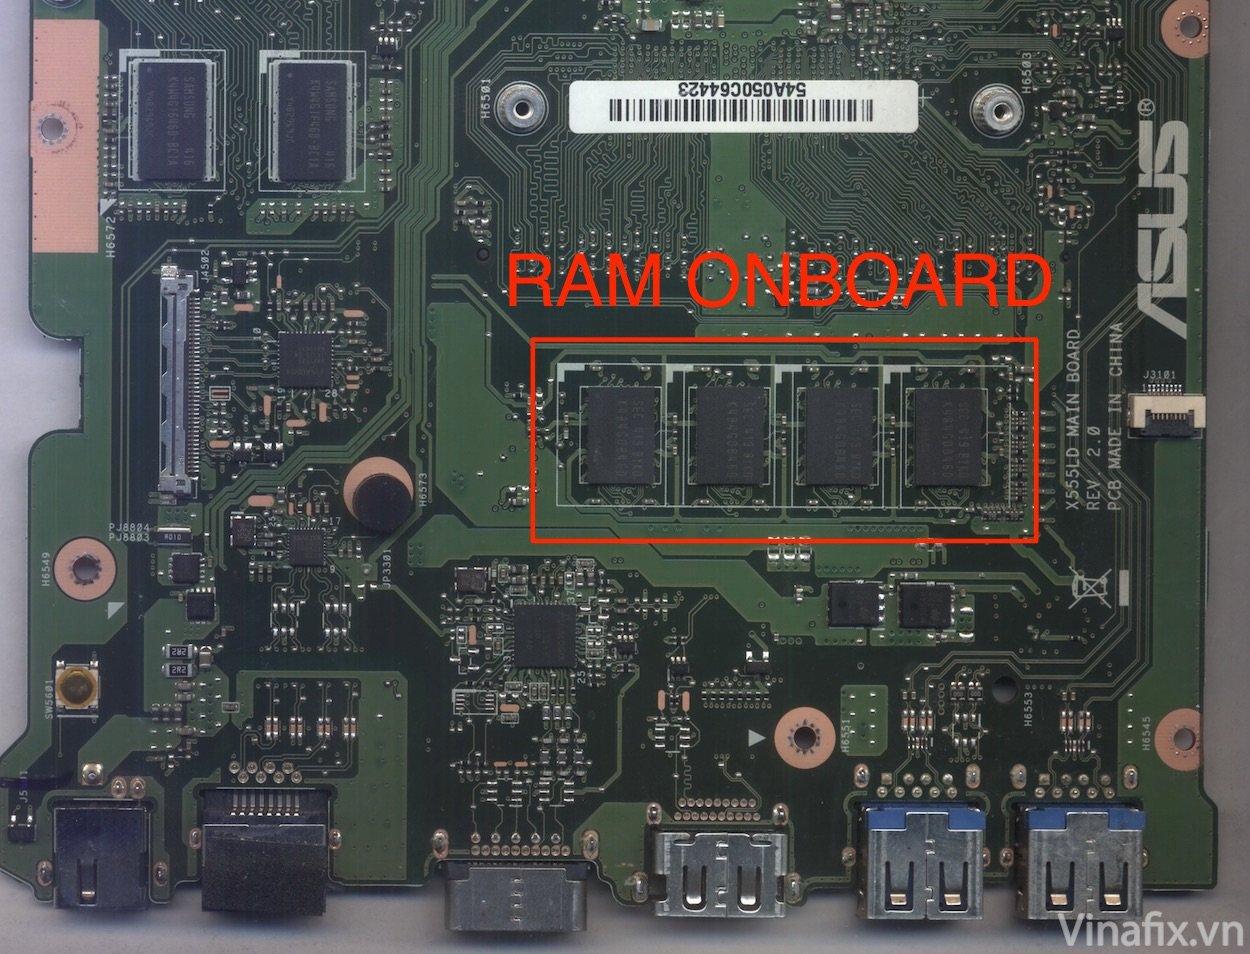 RAM ONBOARD.